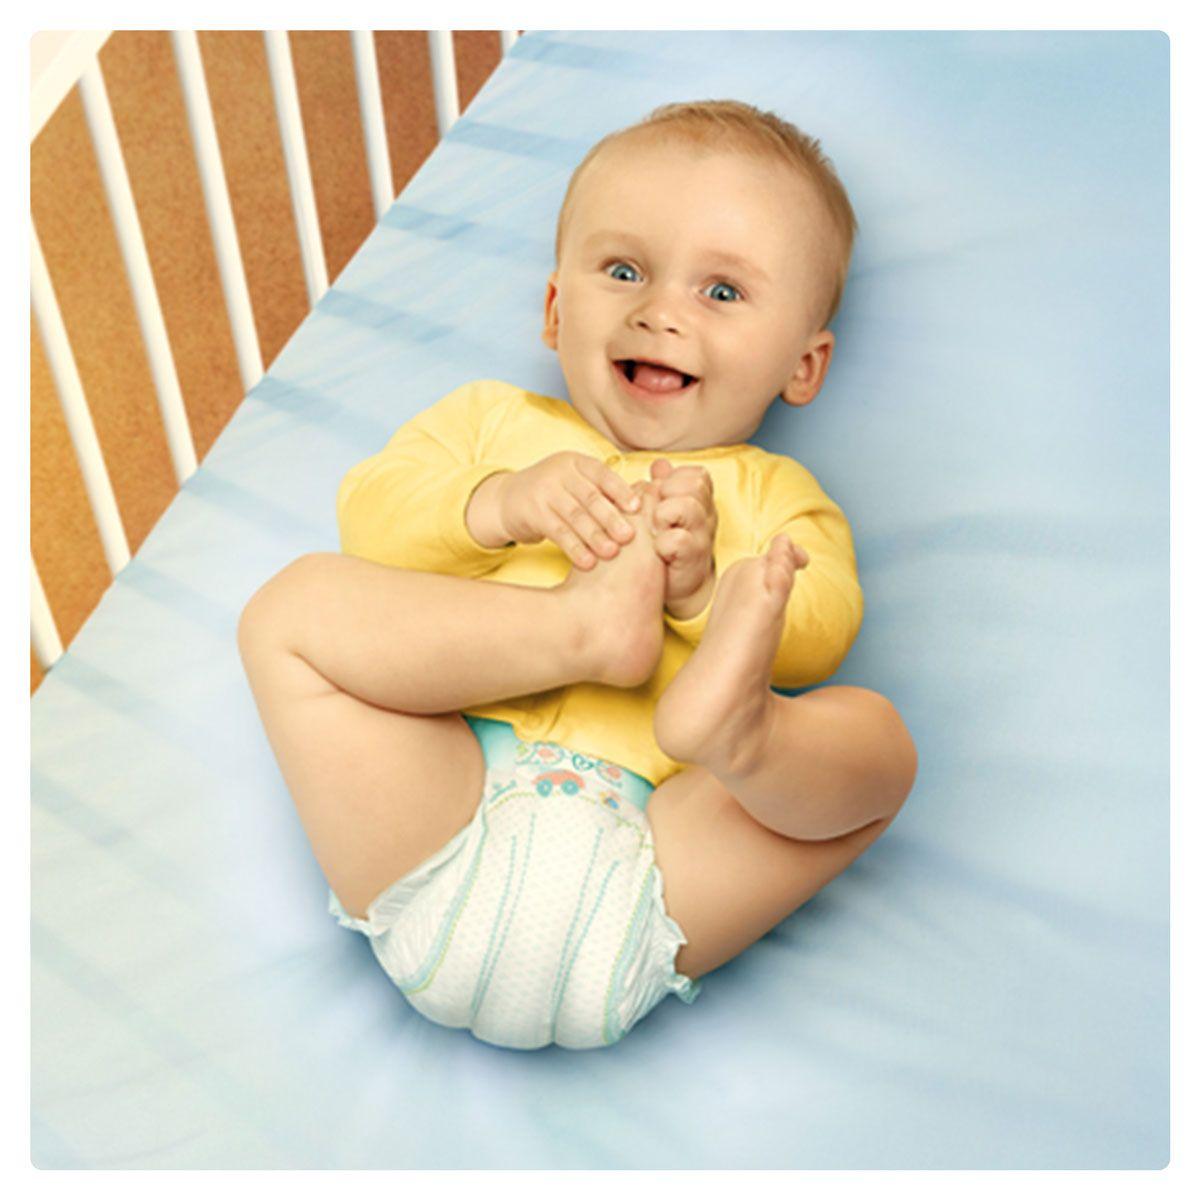 Родители малышей часто беспокоятся по поводу цвета детского кала